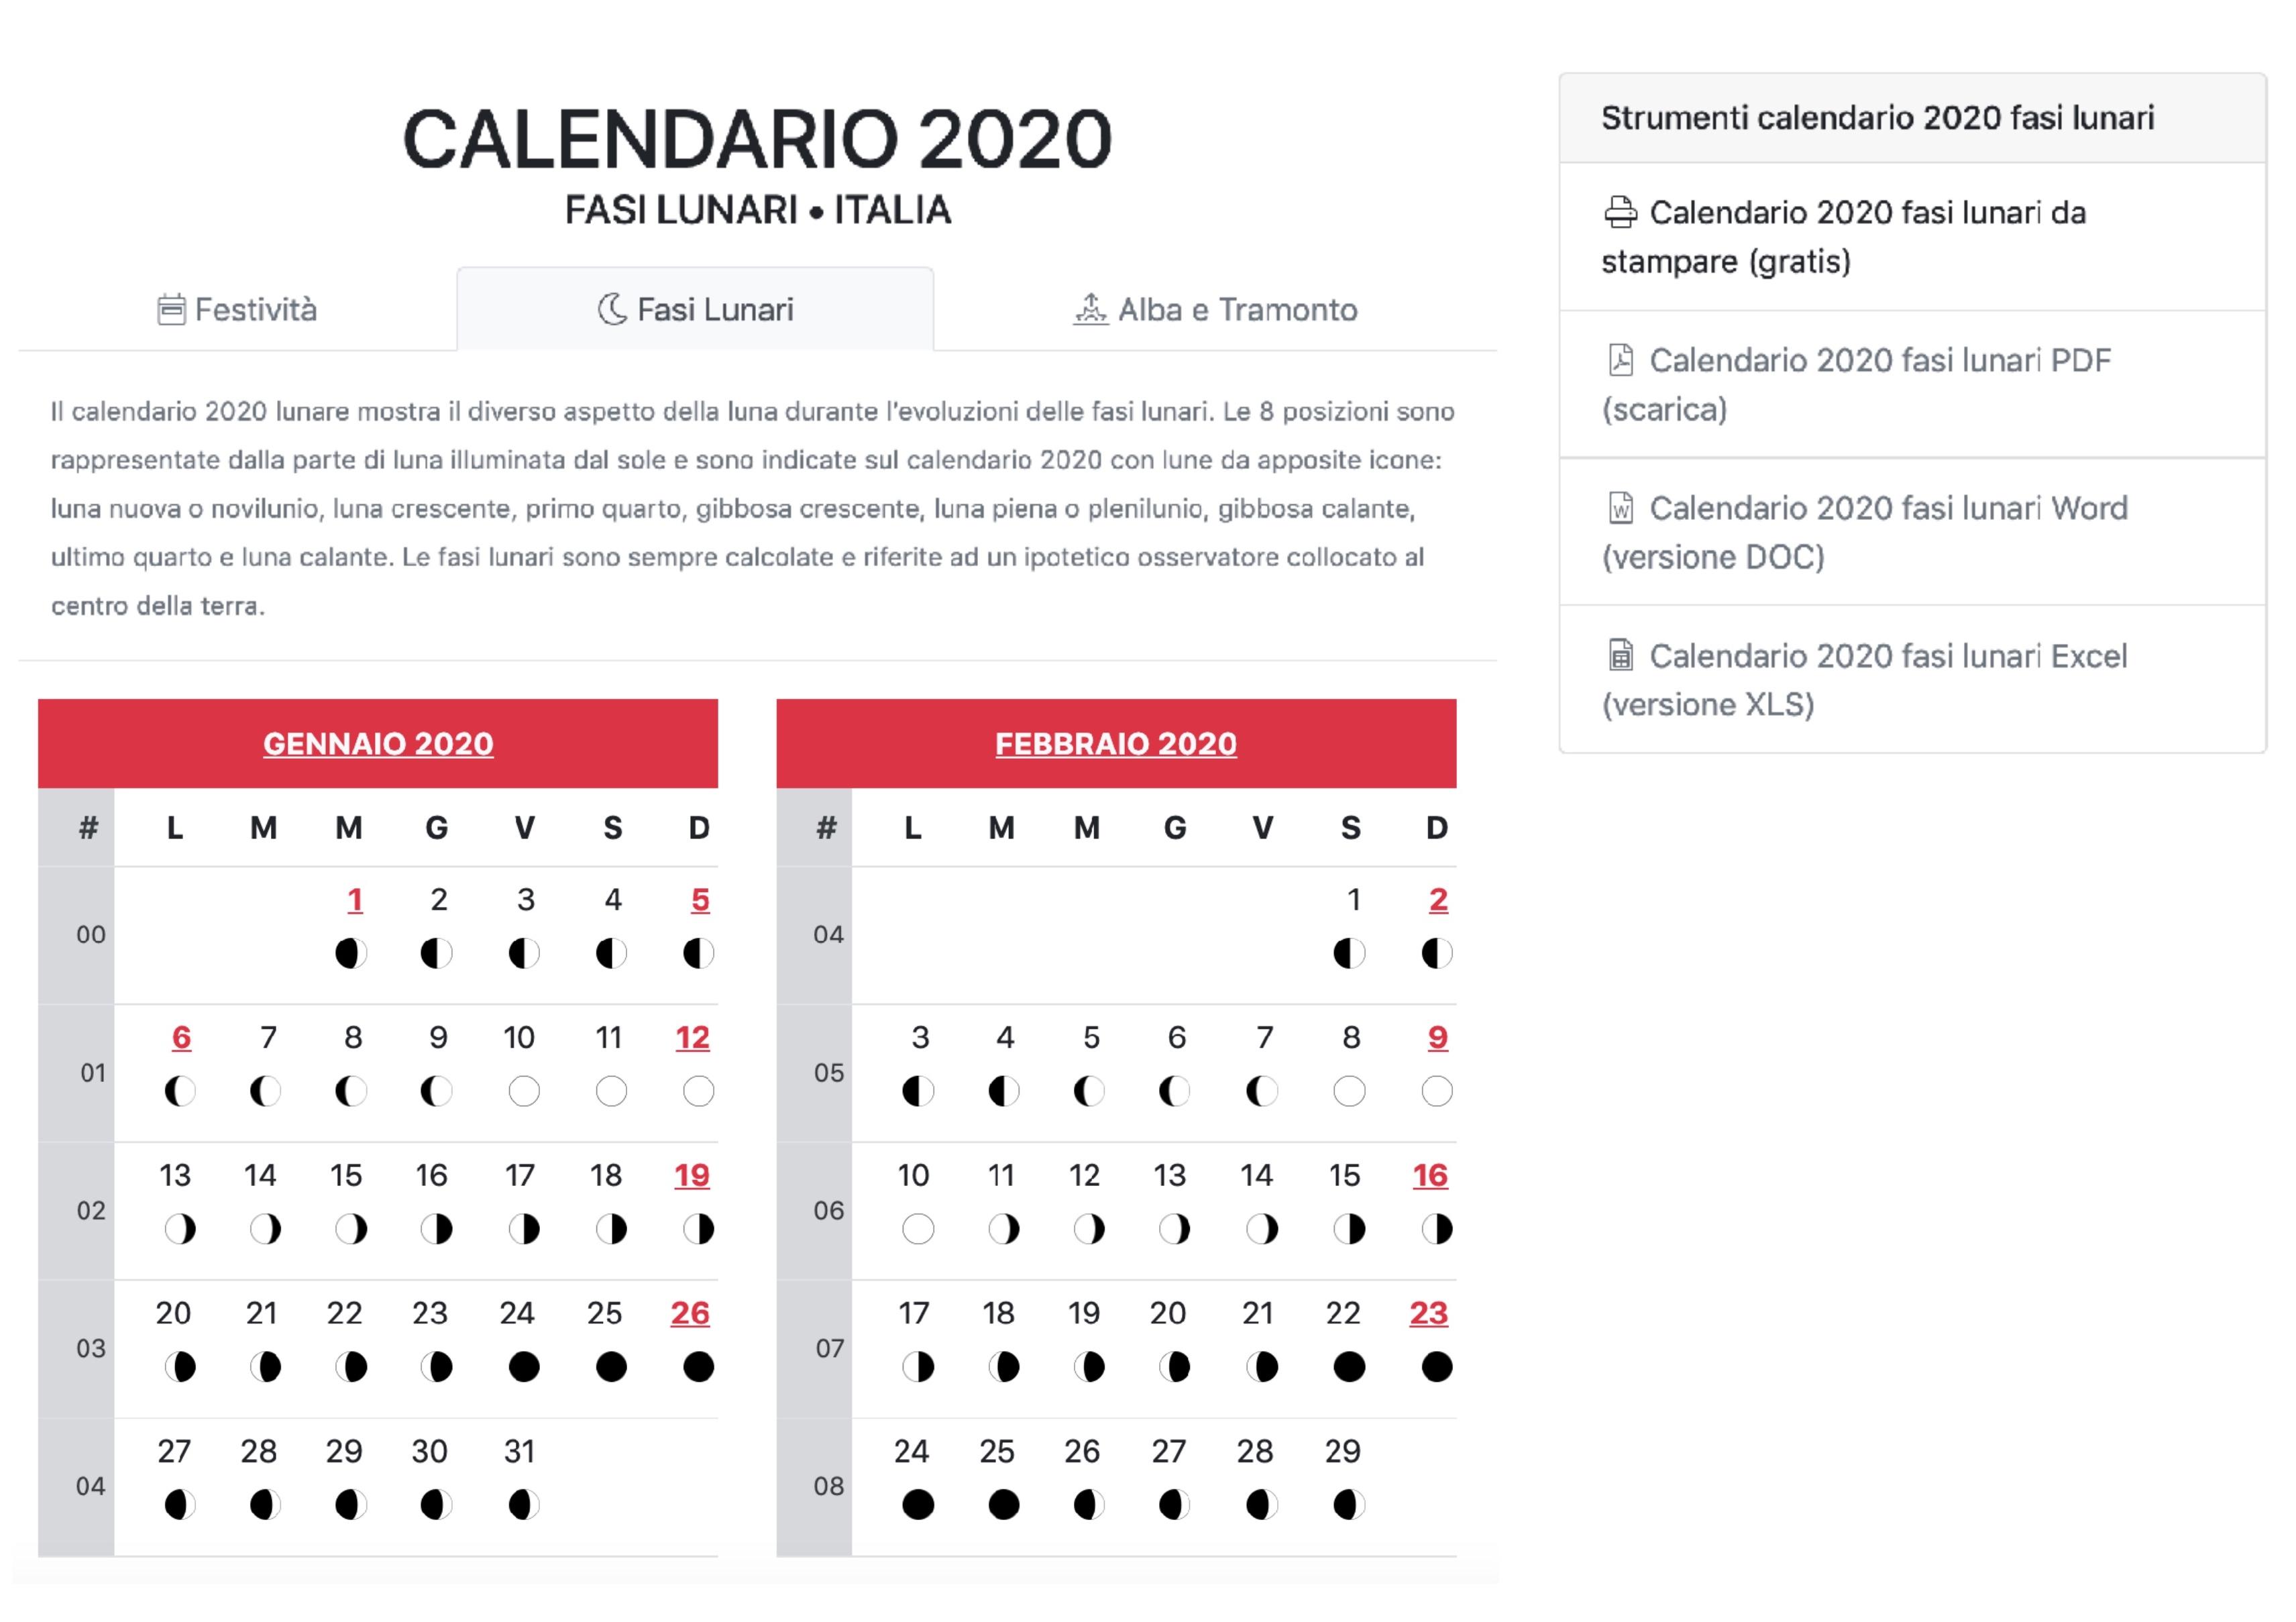 Calendario 2020 Da Stampare Con Festivita.Calendario 2020 Utilita Eventi Ecco Tutto Cio Che C E Da